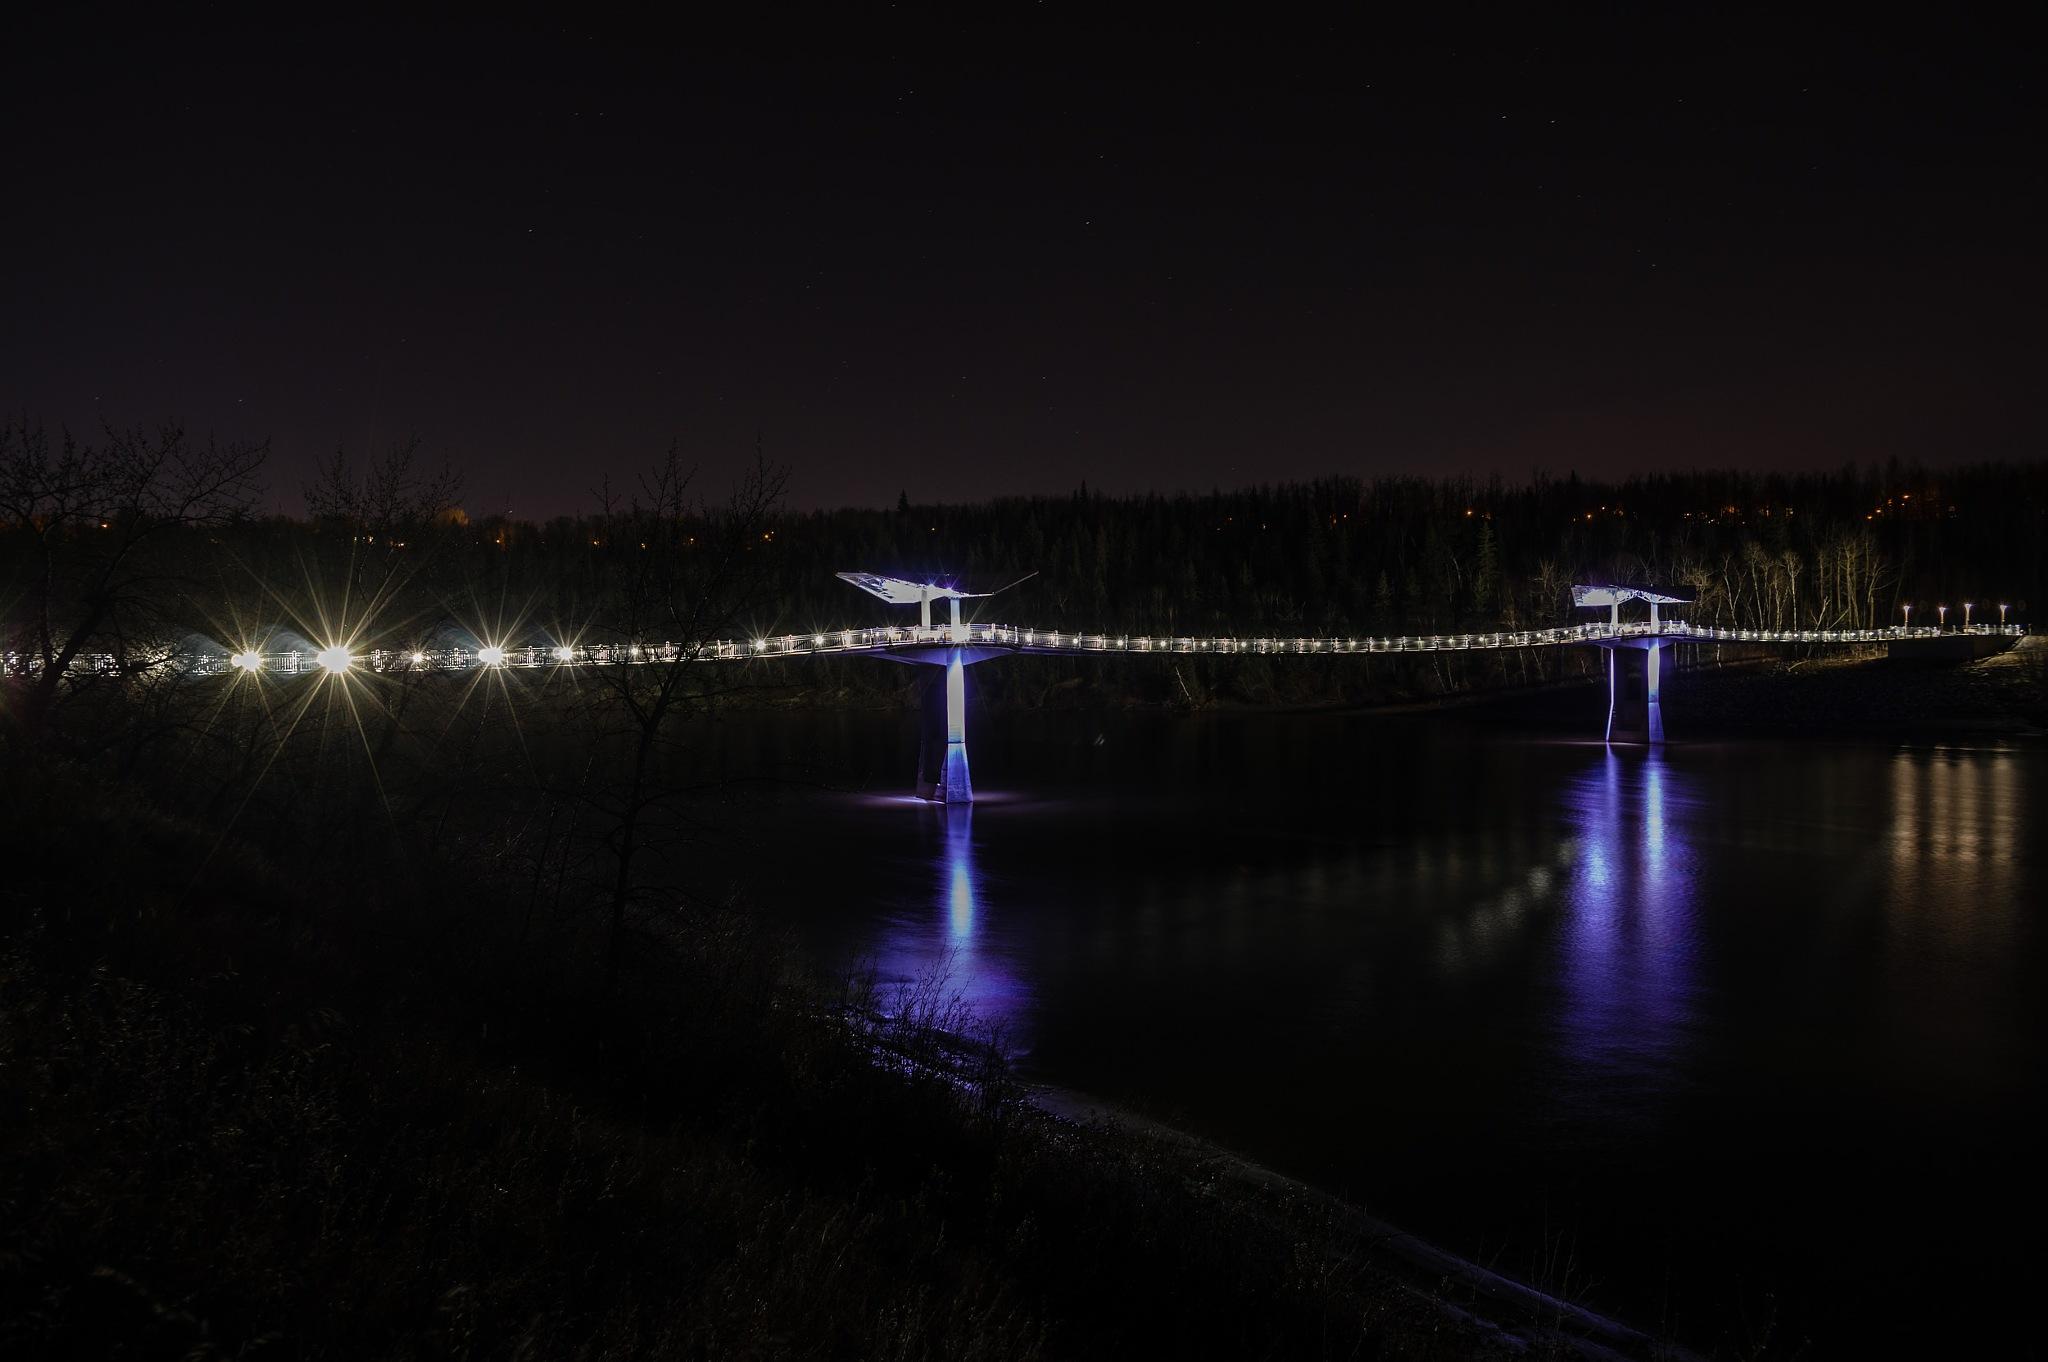 A New Bridge 1 of 2 by Glen Bowe